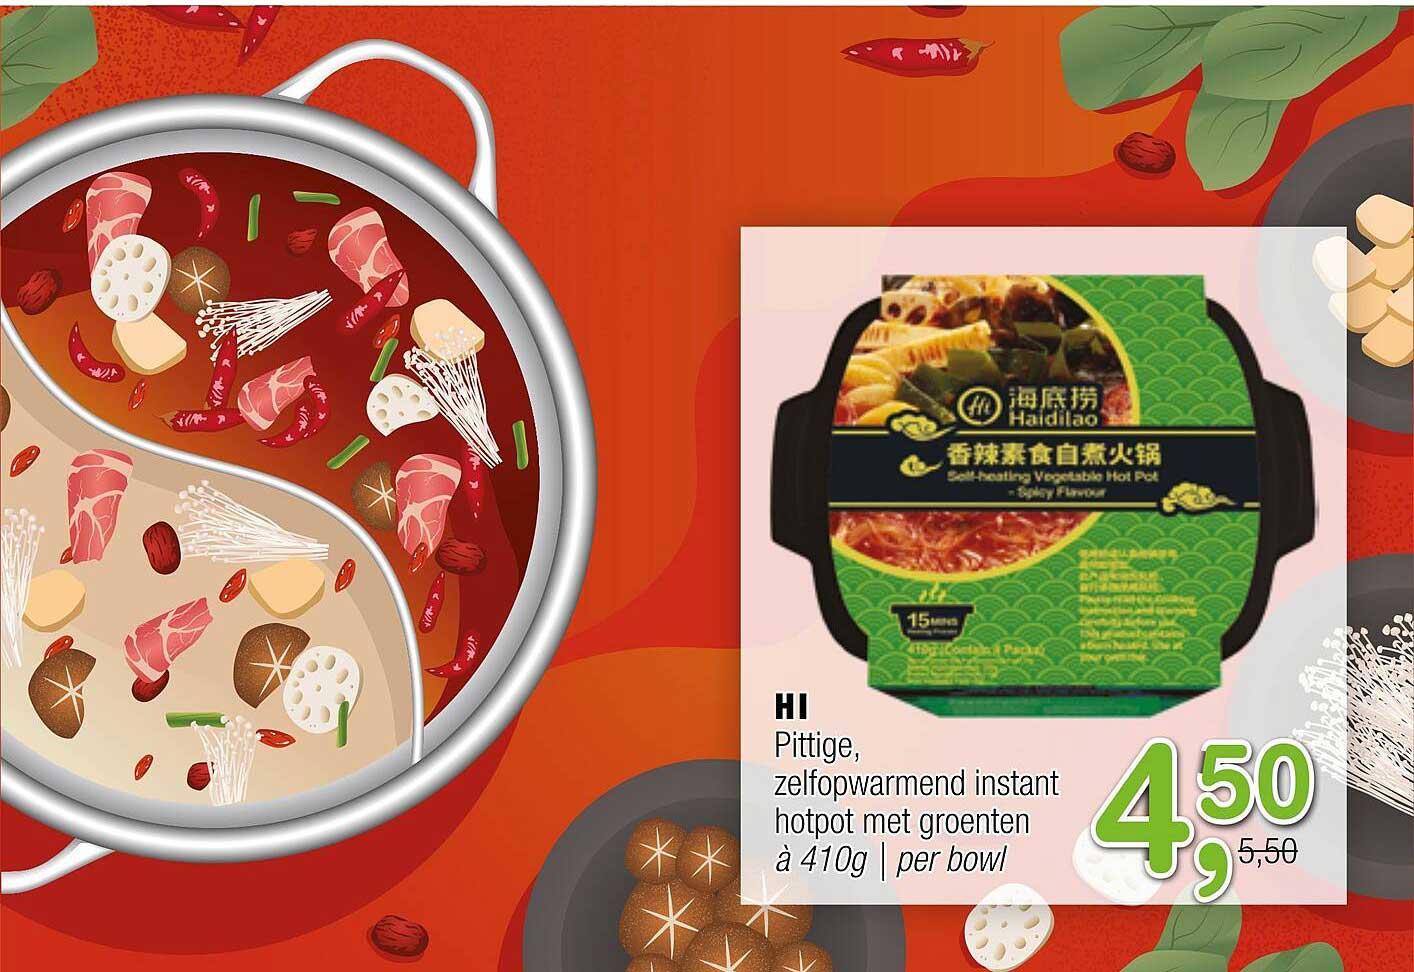 Amazing Oriental Hi Pittige Zelfopwarmend Instant Hotpot Met Groenten